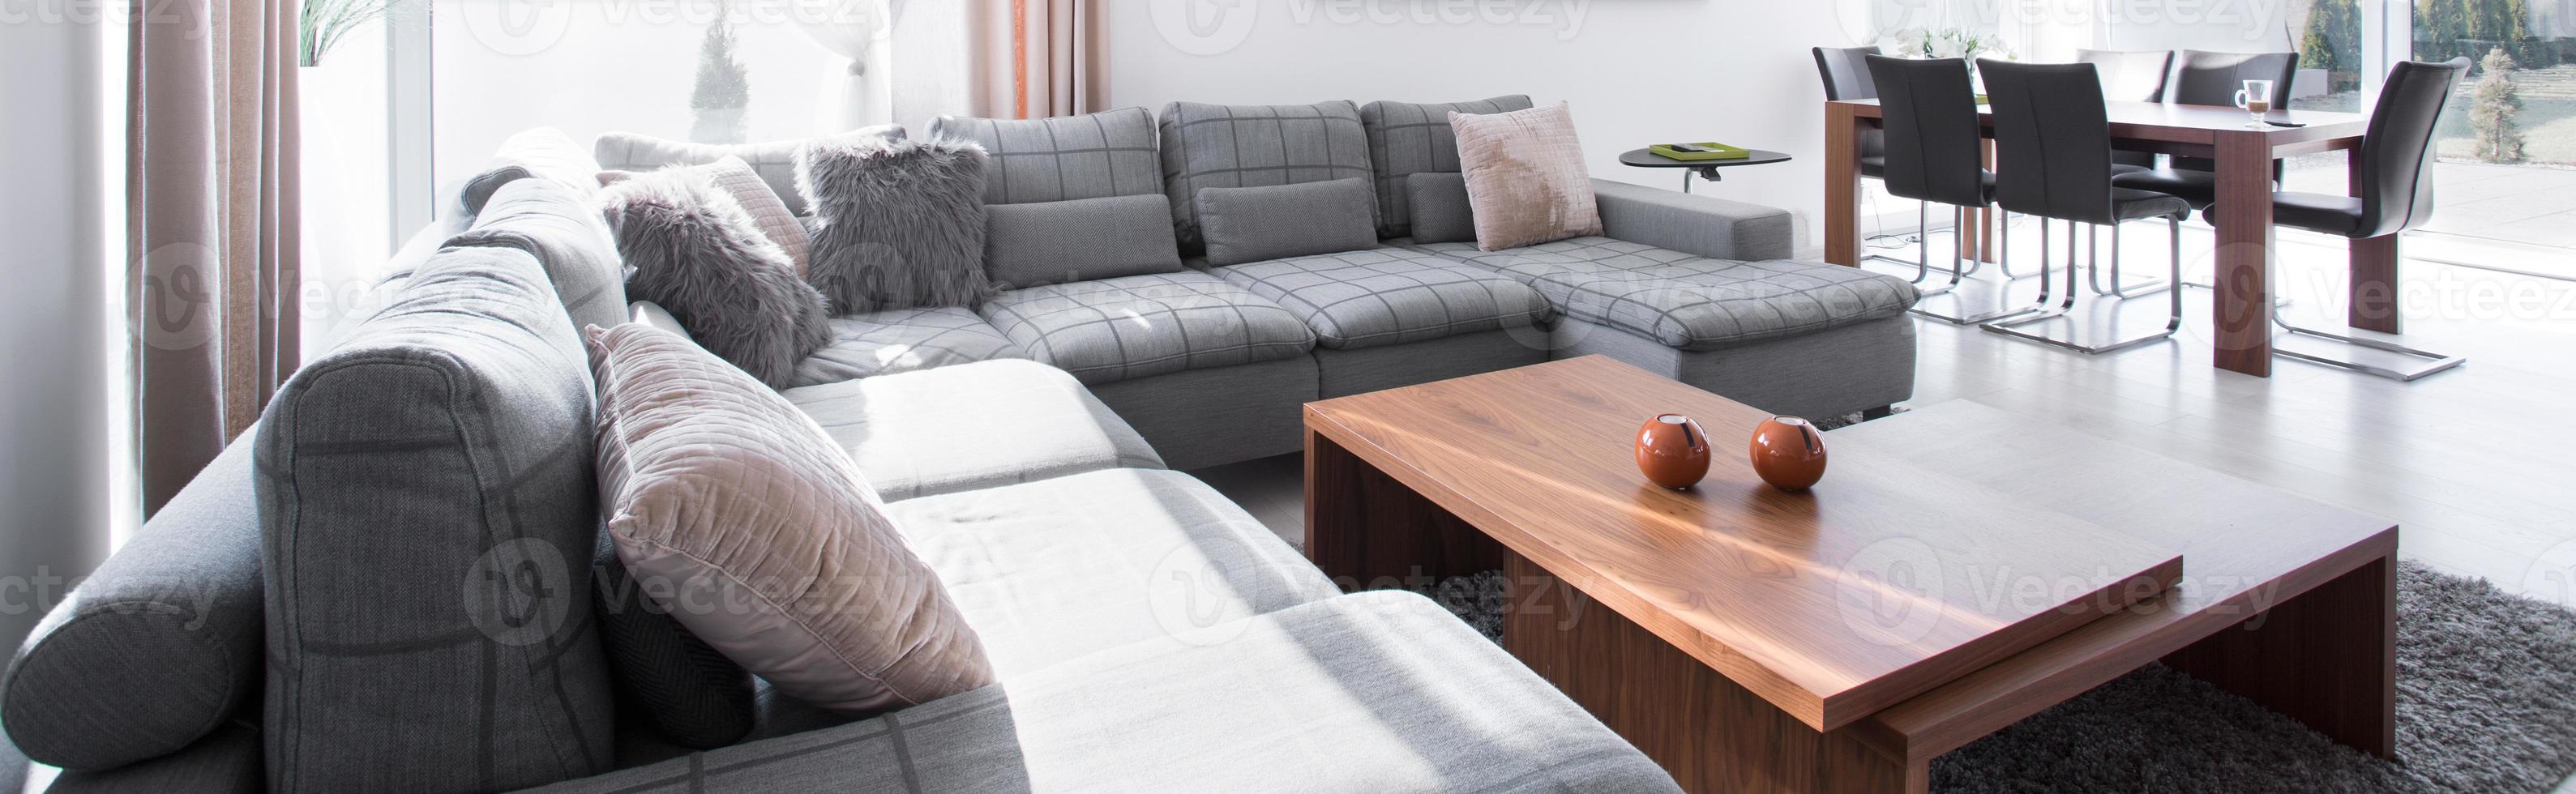 divano e tavolino foto